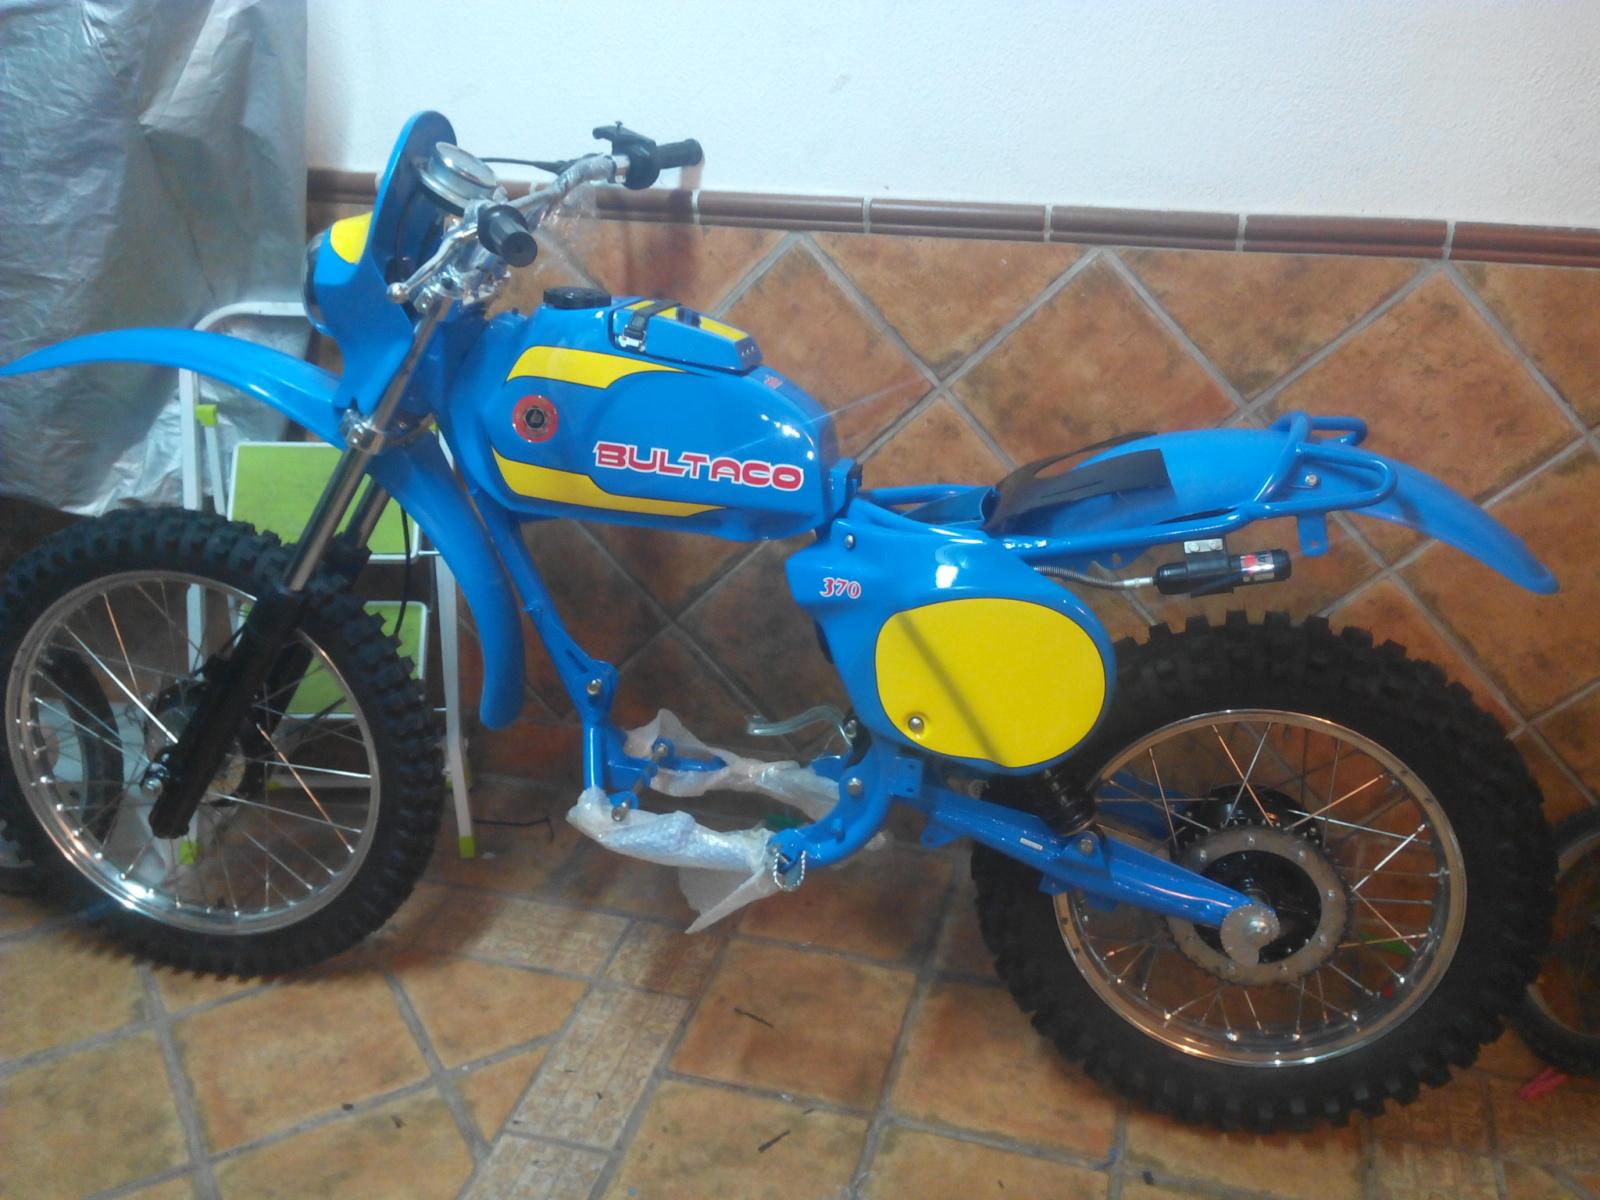 Bultaco MK11 370 - Motor - Página 3 2uh96vo